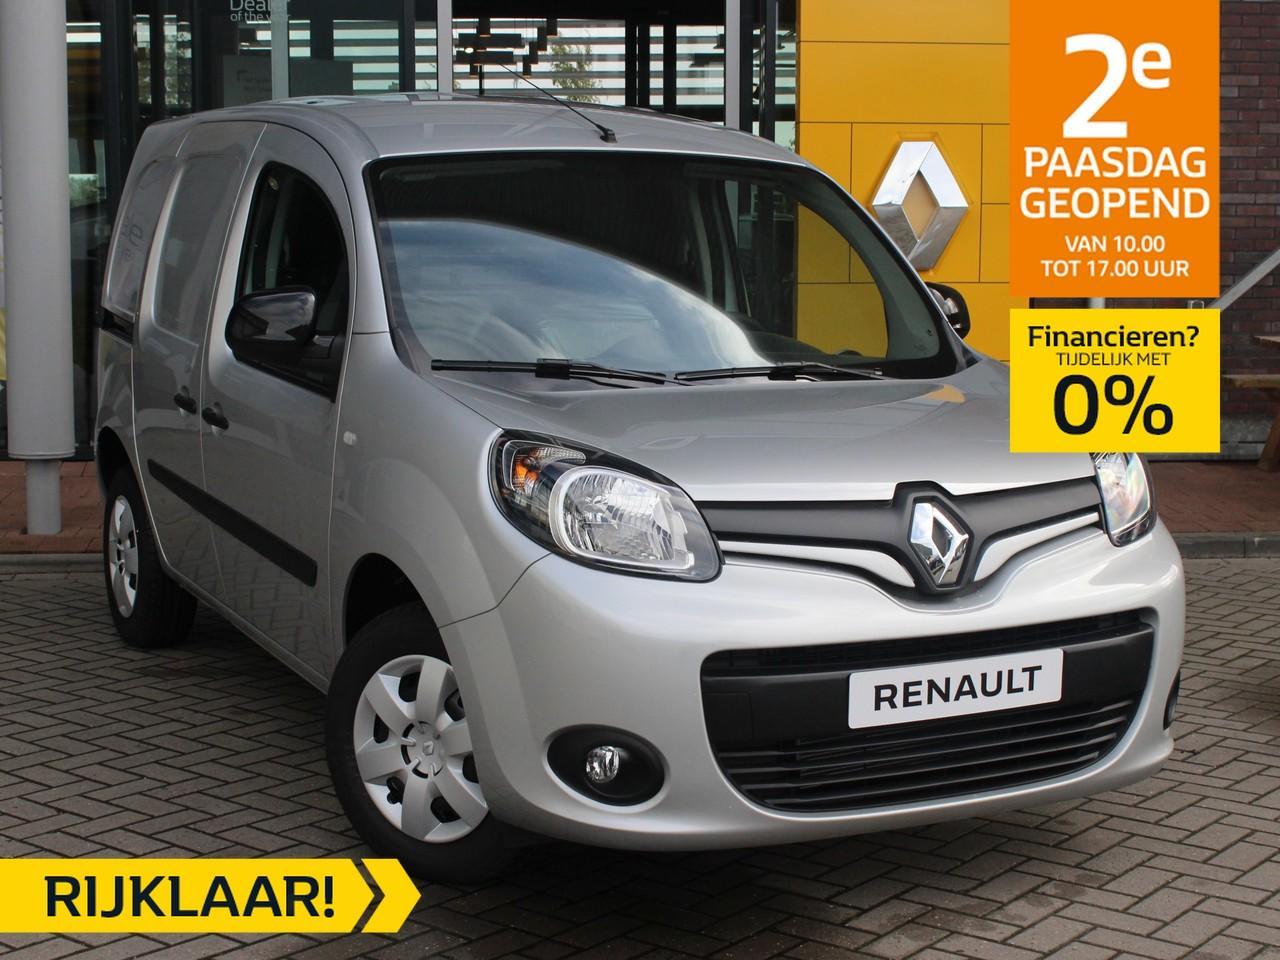 Renault Kangoo Express 1.5 dci 90 express work edition normaal rijklaar 17.475,- nu voor 13.325,-